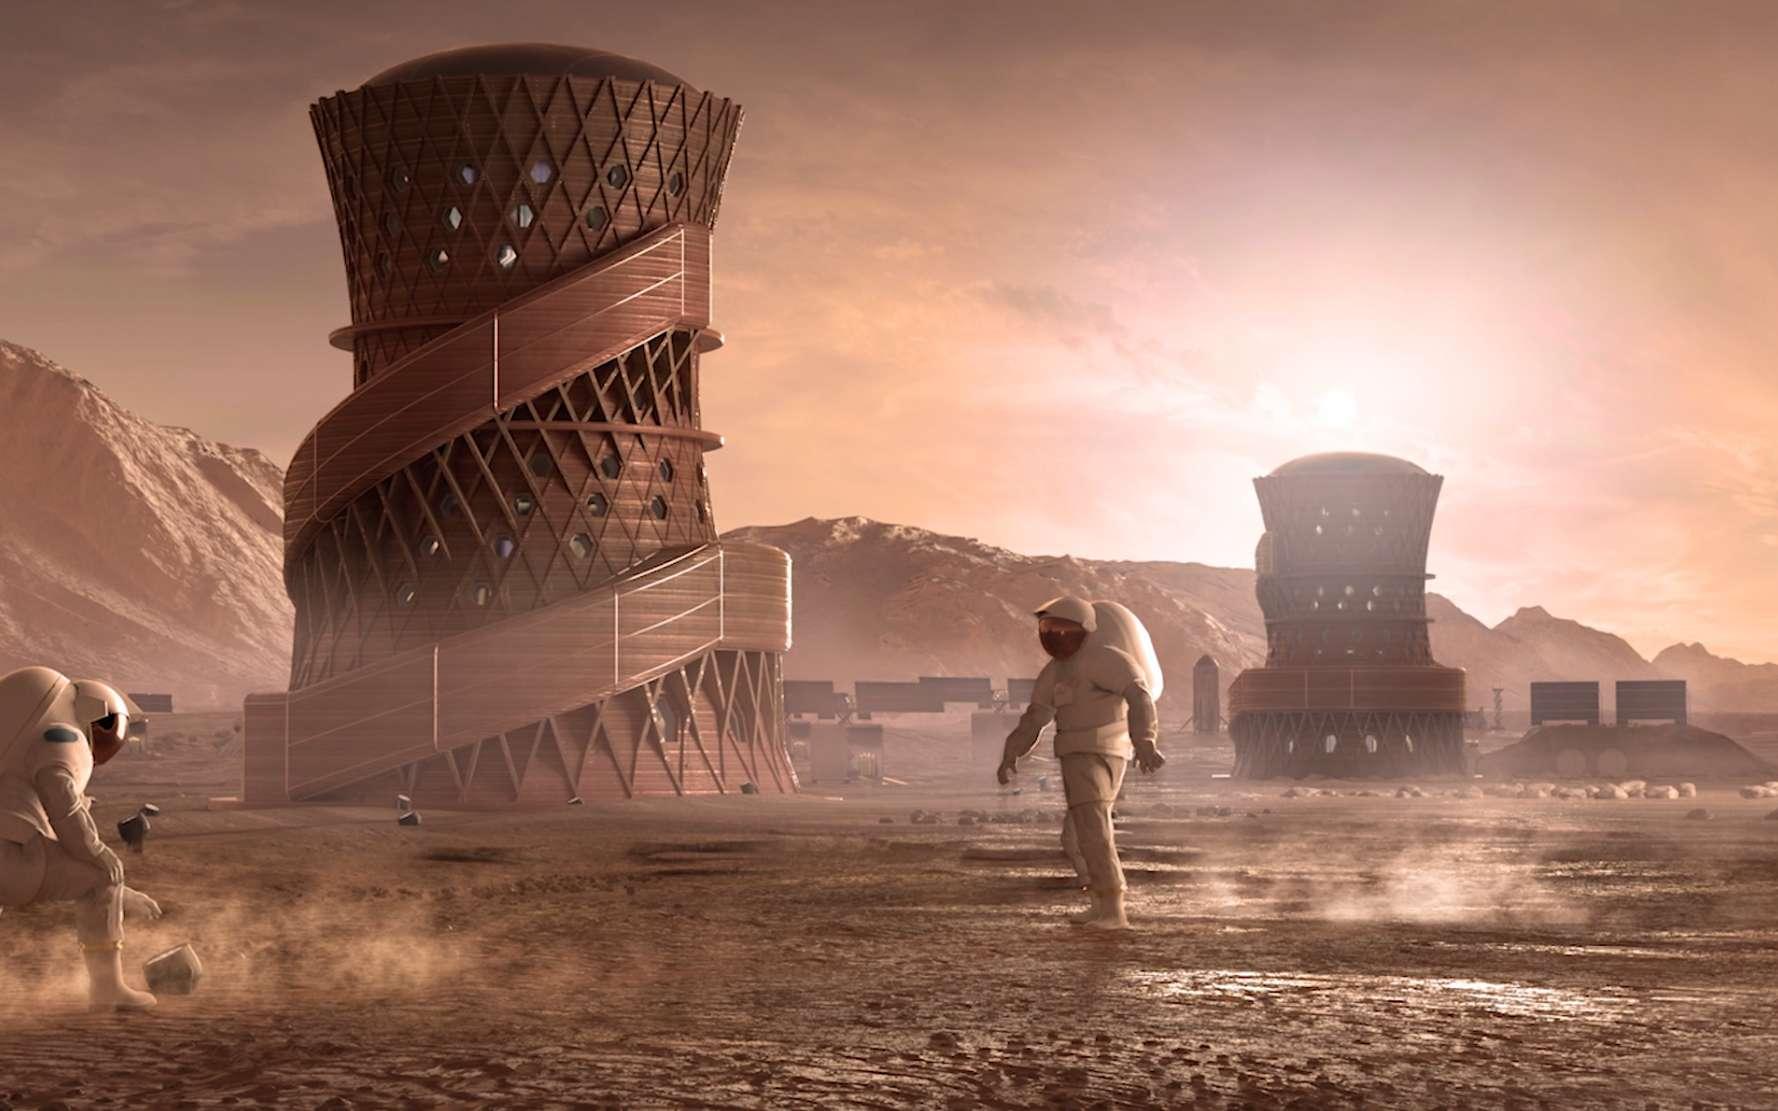 Concept d'habitat sur Mars proposé par Team SEArch+/Apis Cor qui a remporté la première place de la phase 3 du concours de la Nasa. © Team SEArch+/Apis Cor